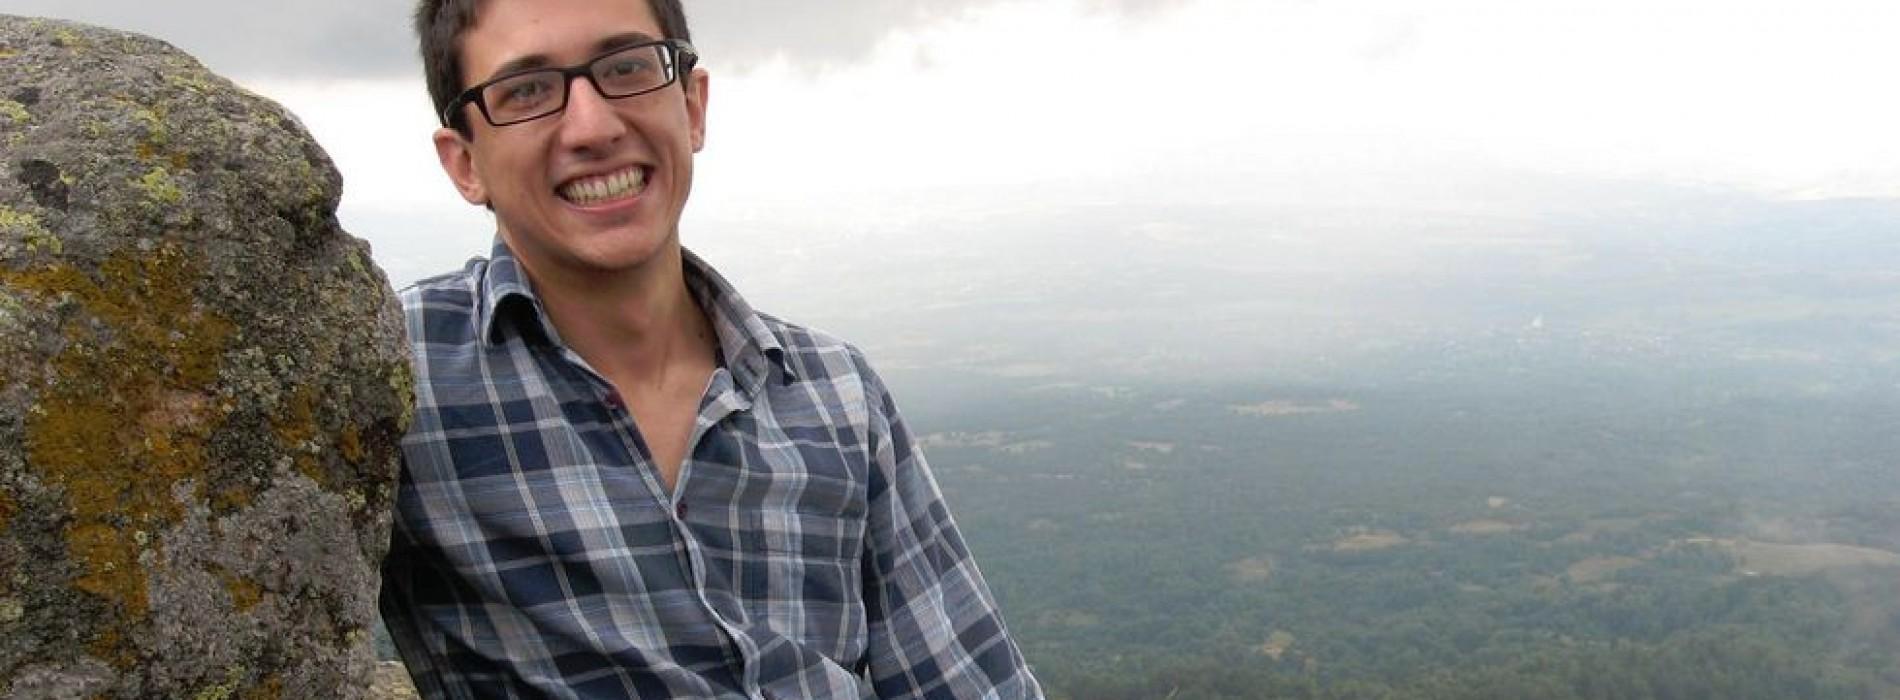 60 de lucruri haioase pe care un brazilian le-a învățat în România